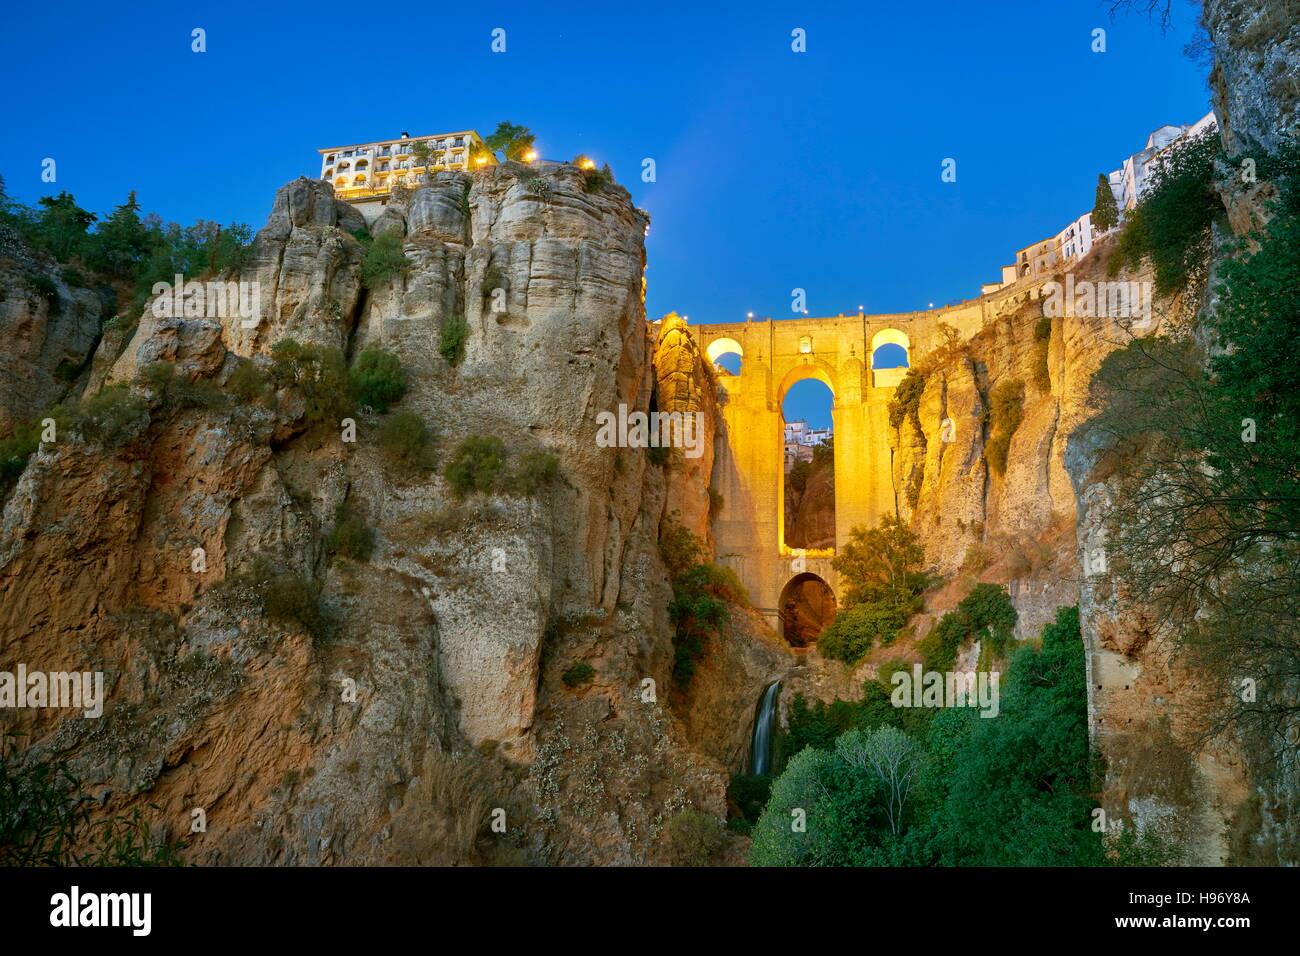 Ronda - El Tajo Gorge Canyon, Puente Nuevo Bridge, Andalusia, Spain - Stock Image